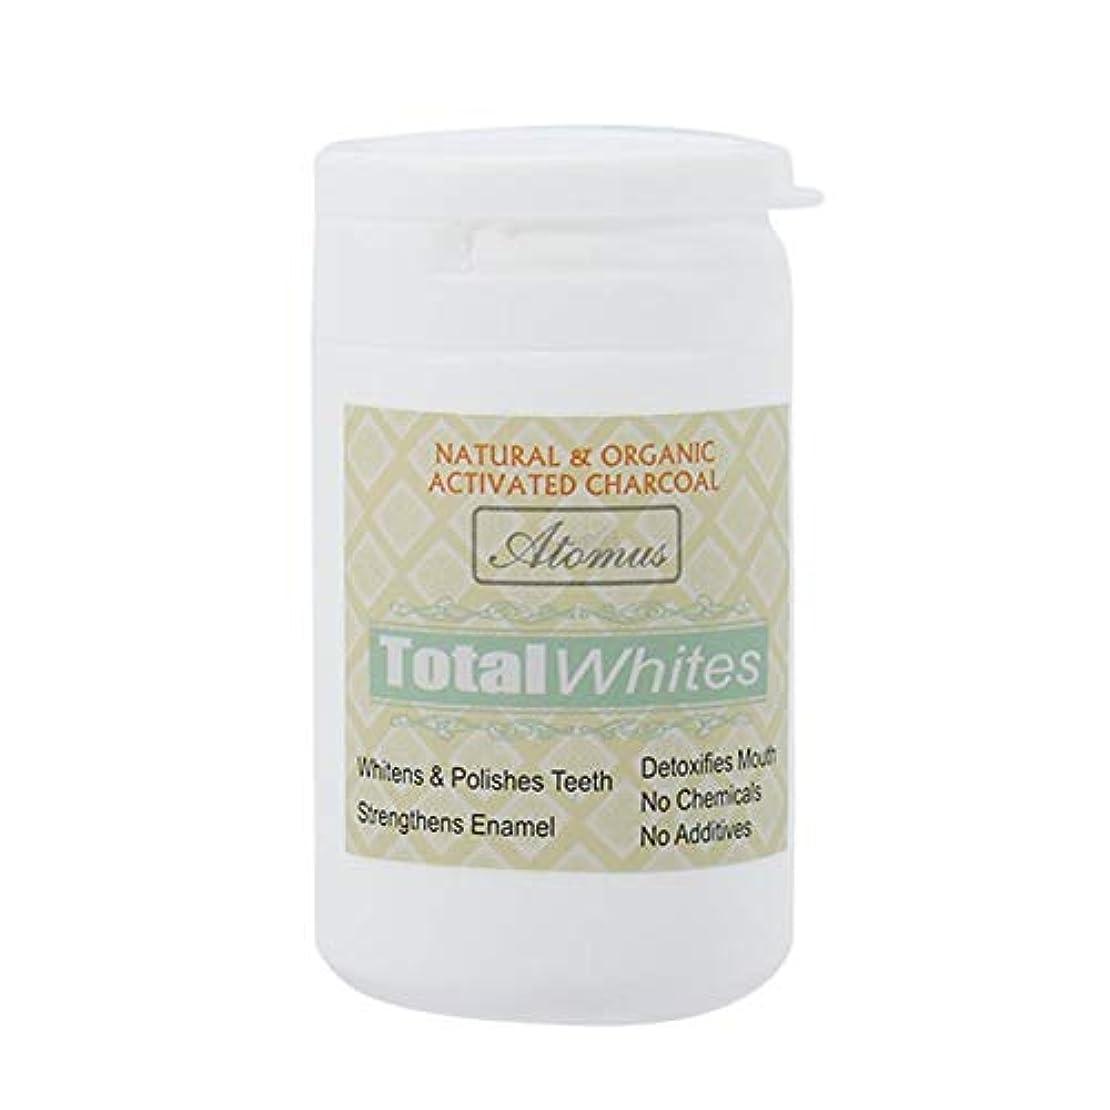 ラショナル後世タック歯のホワイトニングパウダー、活性炭の歯のホワイトナーパウダー - 有機安全で効果的なホワイトナーの解決策 - ホワイトニングの歯とフレッシュな息